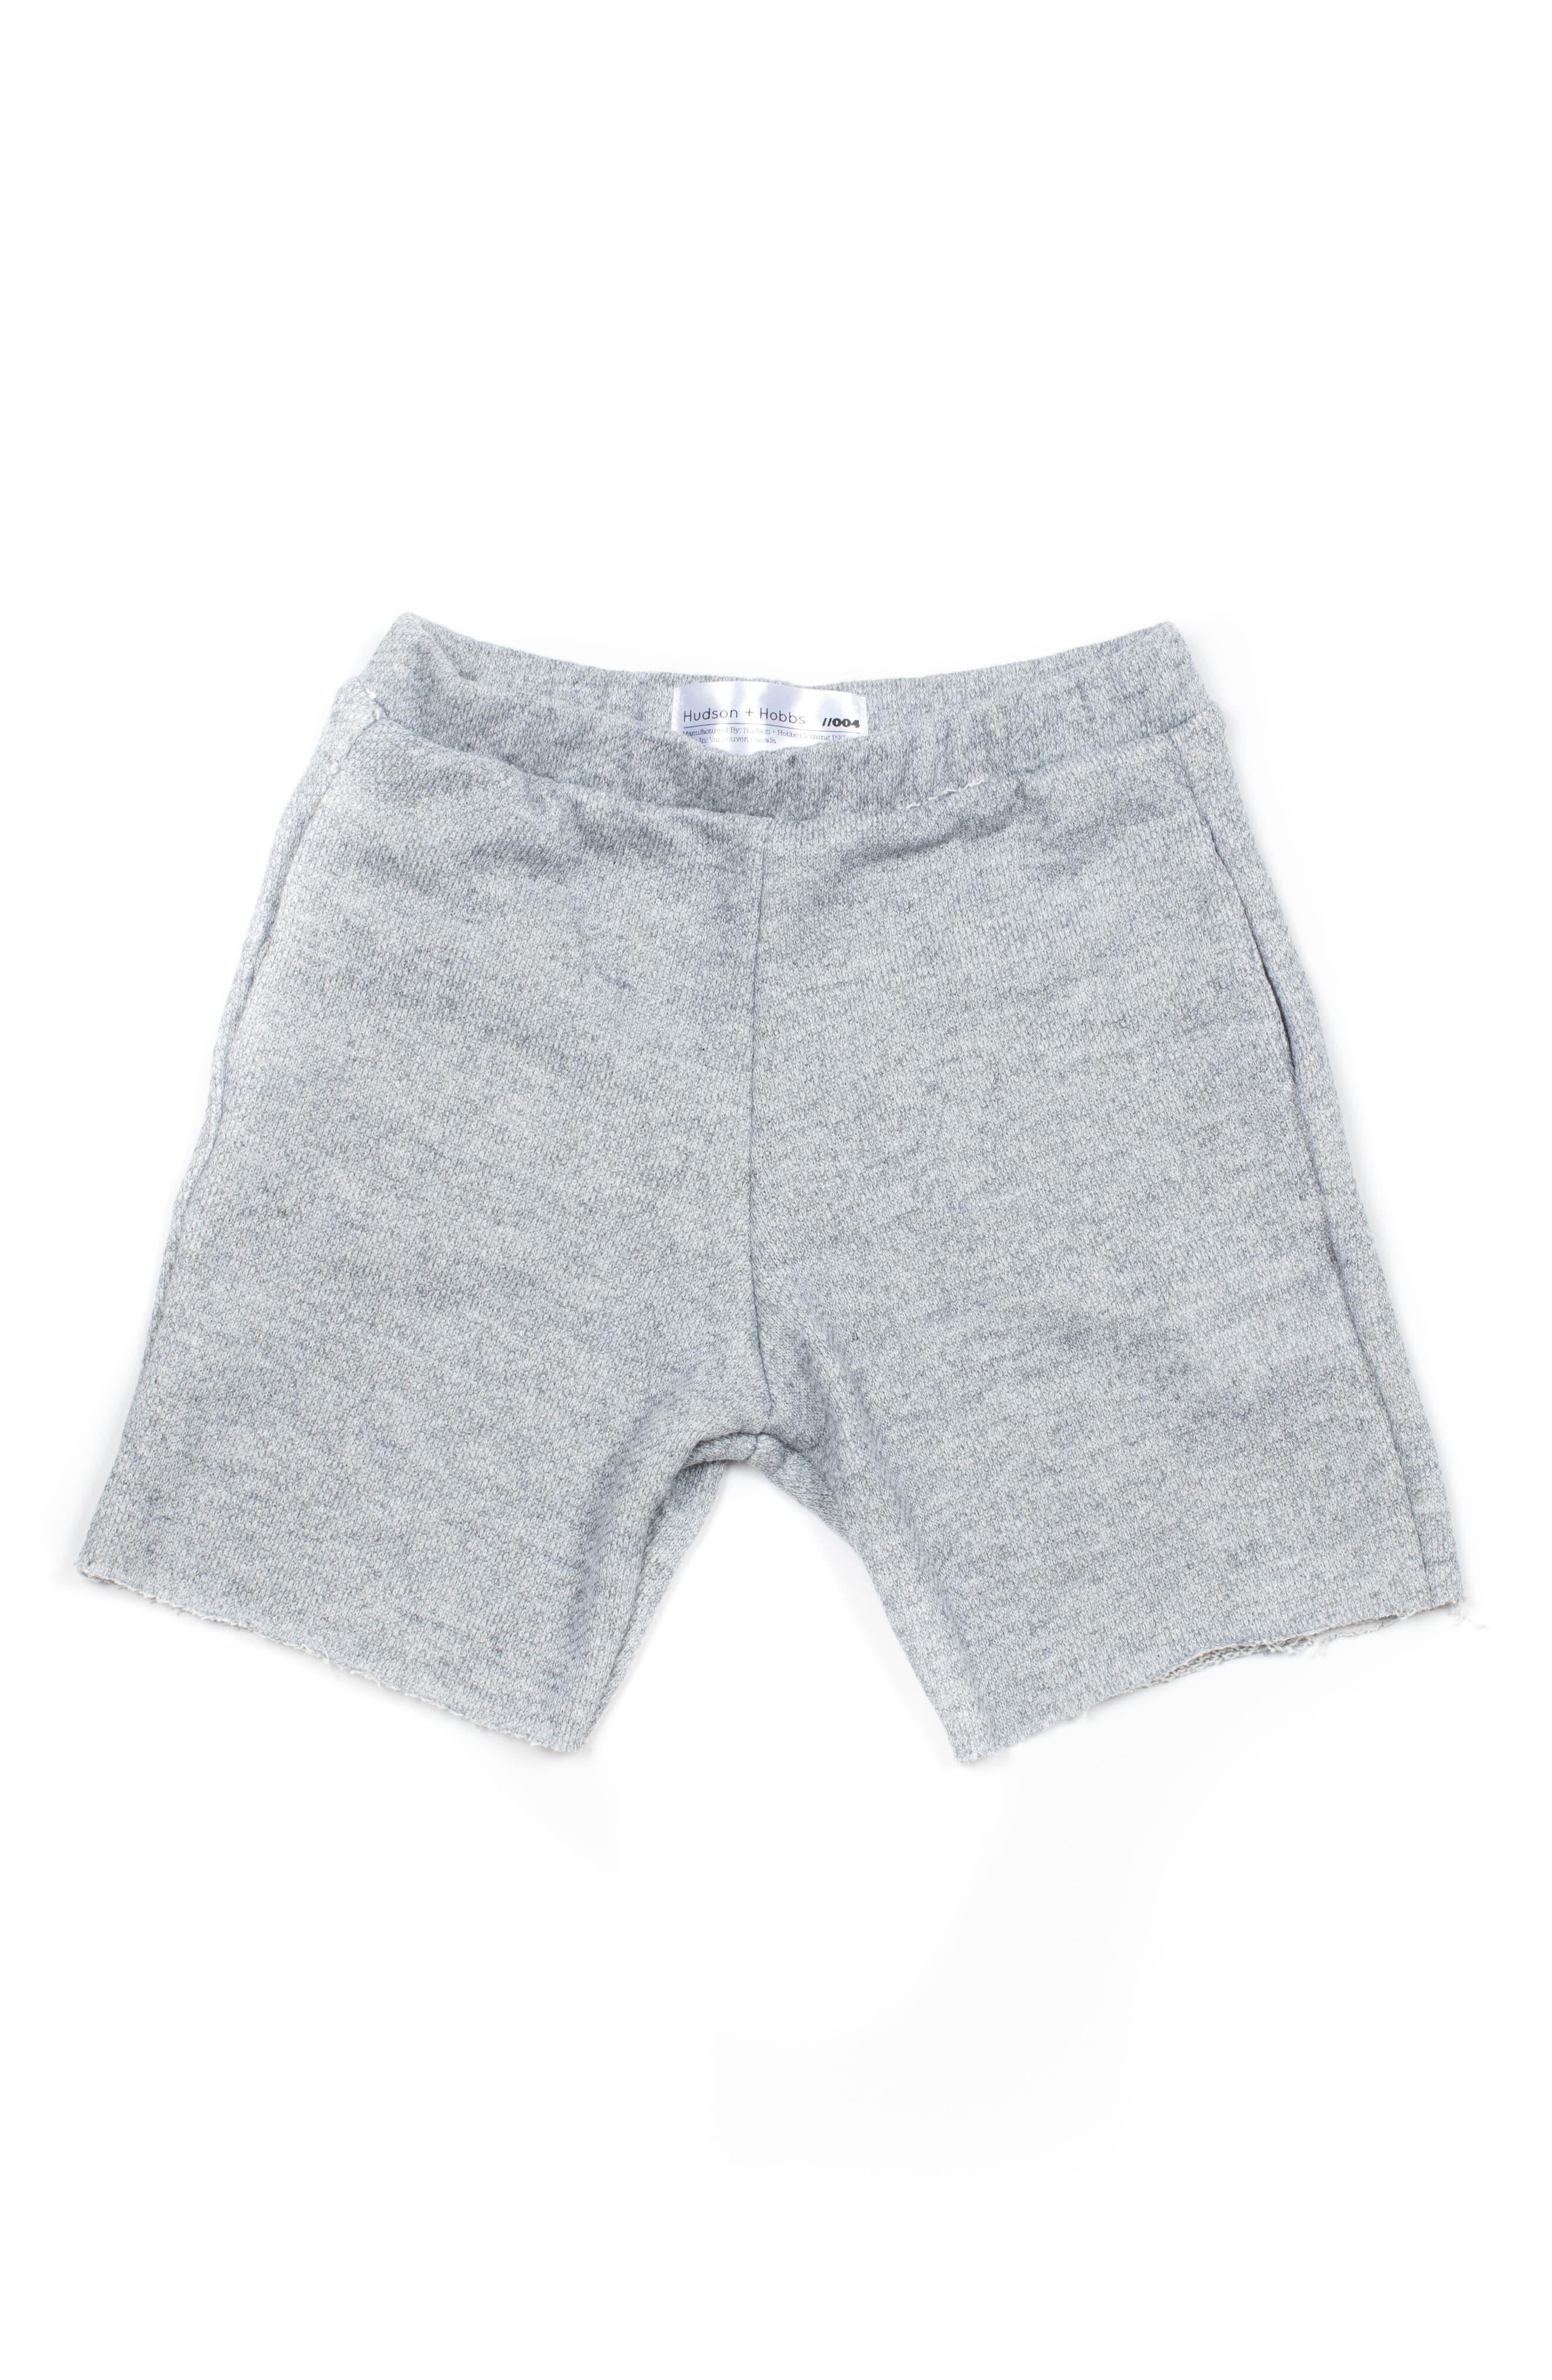 Hudson + Hobbs Chance Shorts (Toddler Boys & Little Boys)